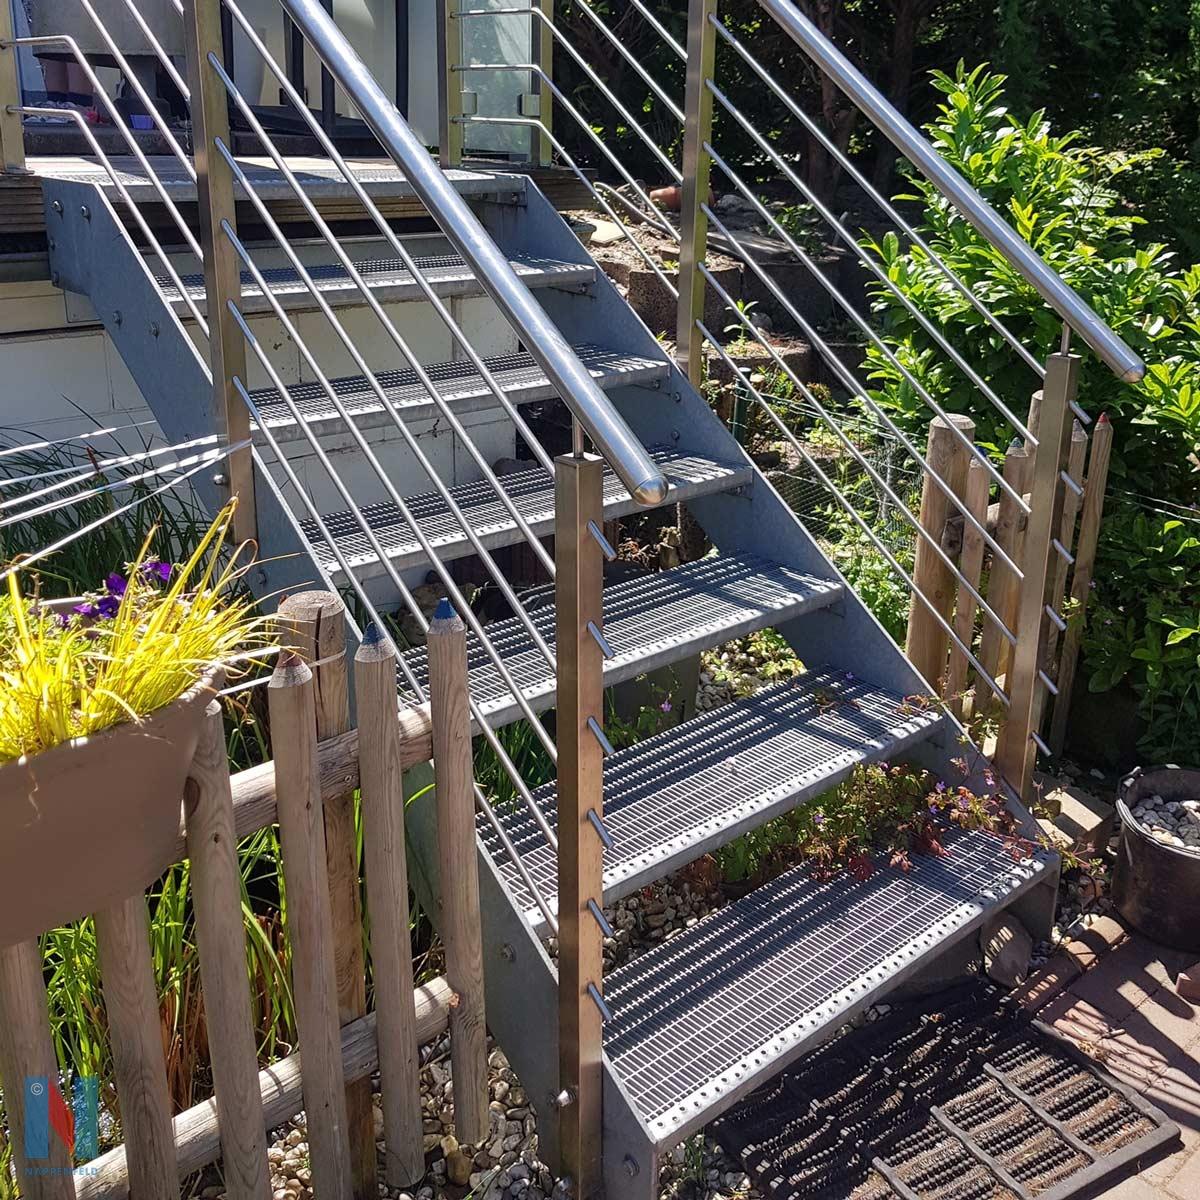 Treppe in den Garten in Mühlheim, geplant und umgesetzt von der Edelstahlschlosserei Nappenfeld aus Mülheim